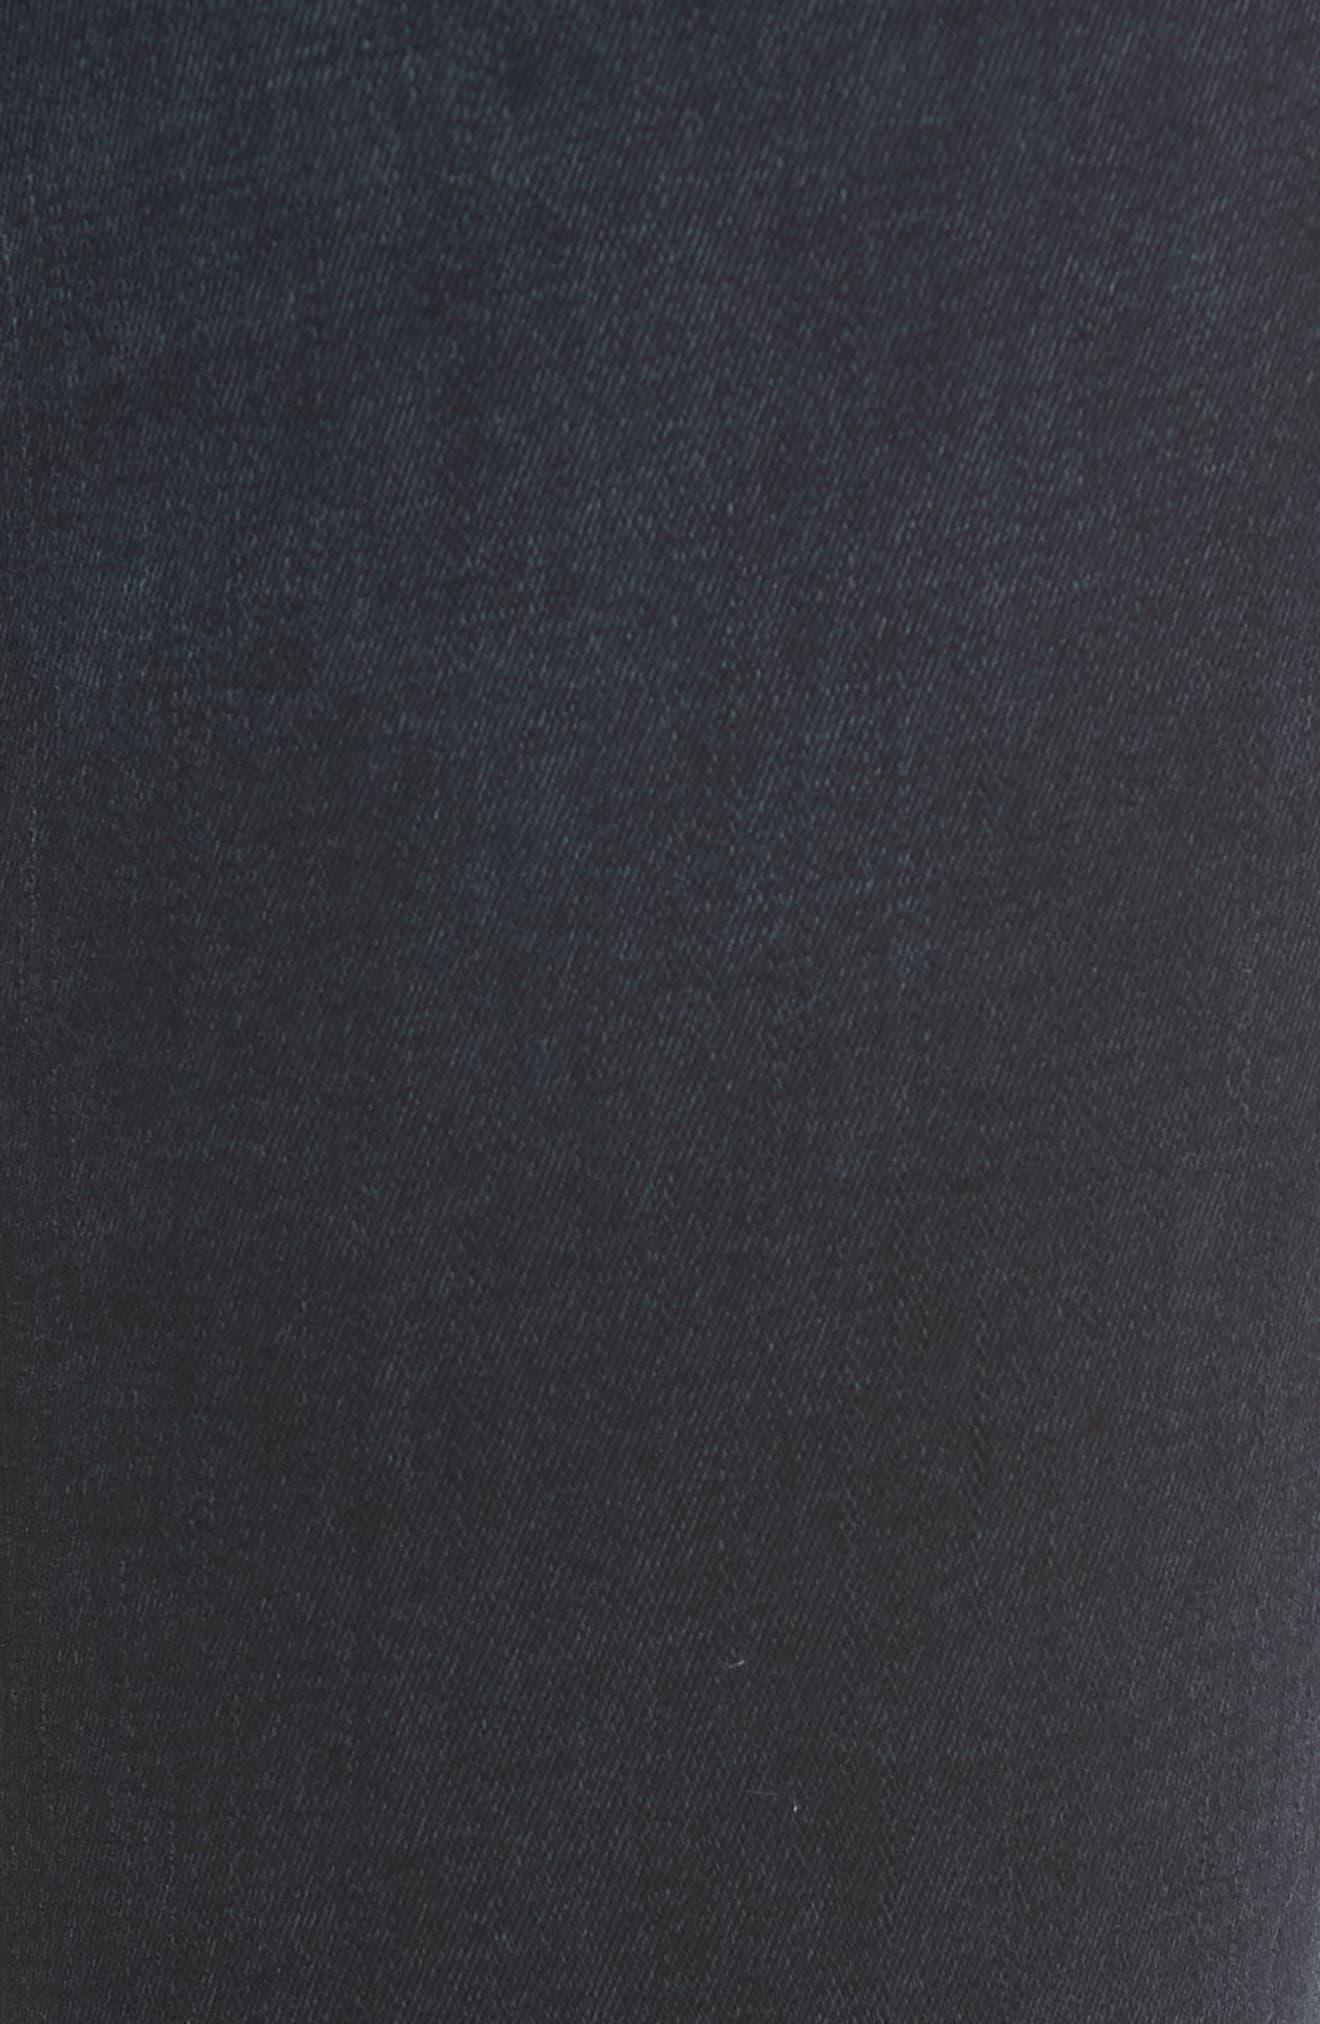 Chrissy Ultra High Waist Ankle Skinny Jeans,                             Alternate thumbnail 6, color,                             PORTER